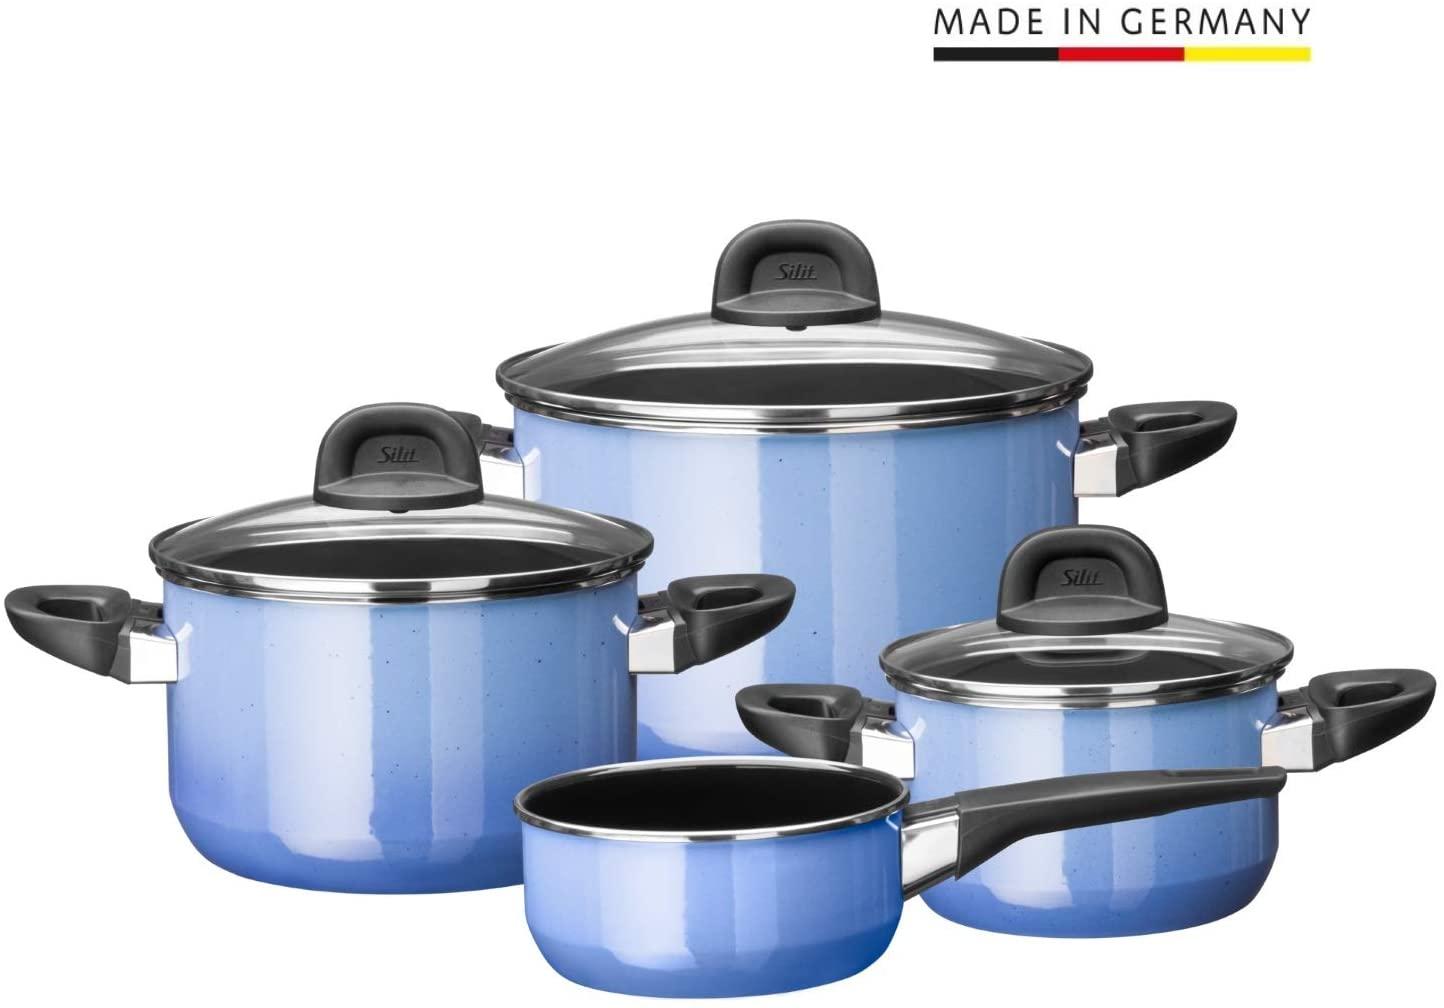 Sada nádobí Modesto Line modrá 4-díly - Silit